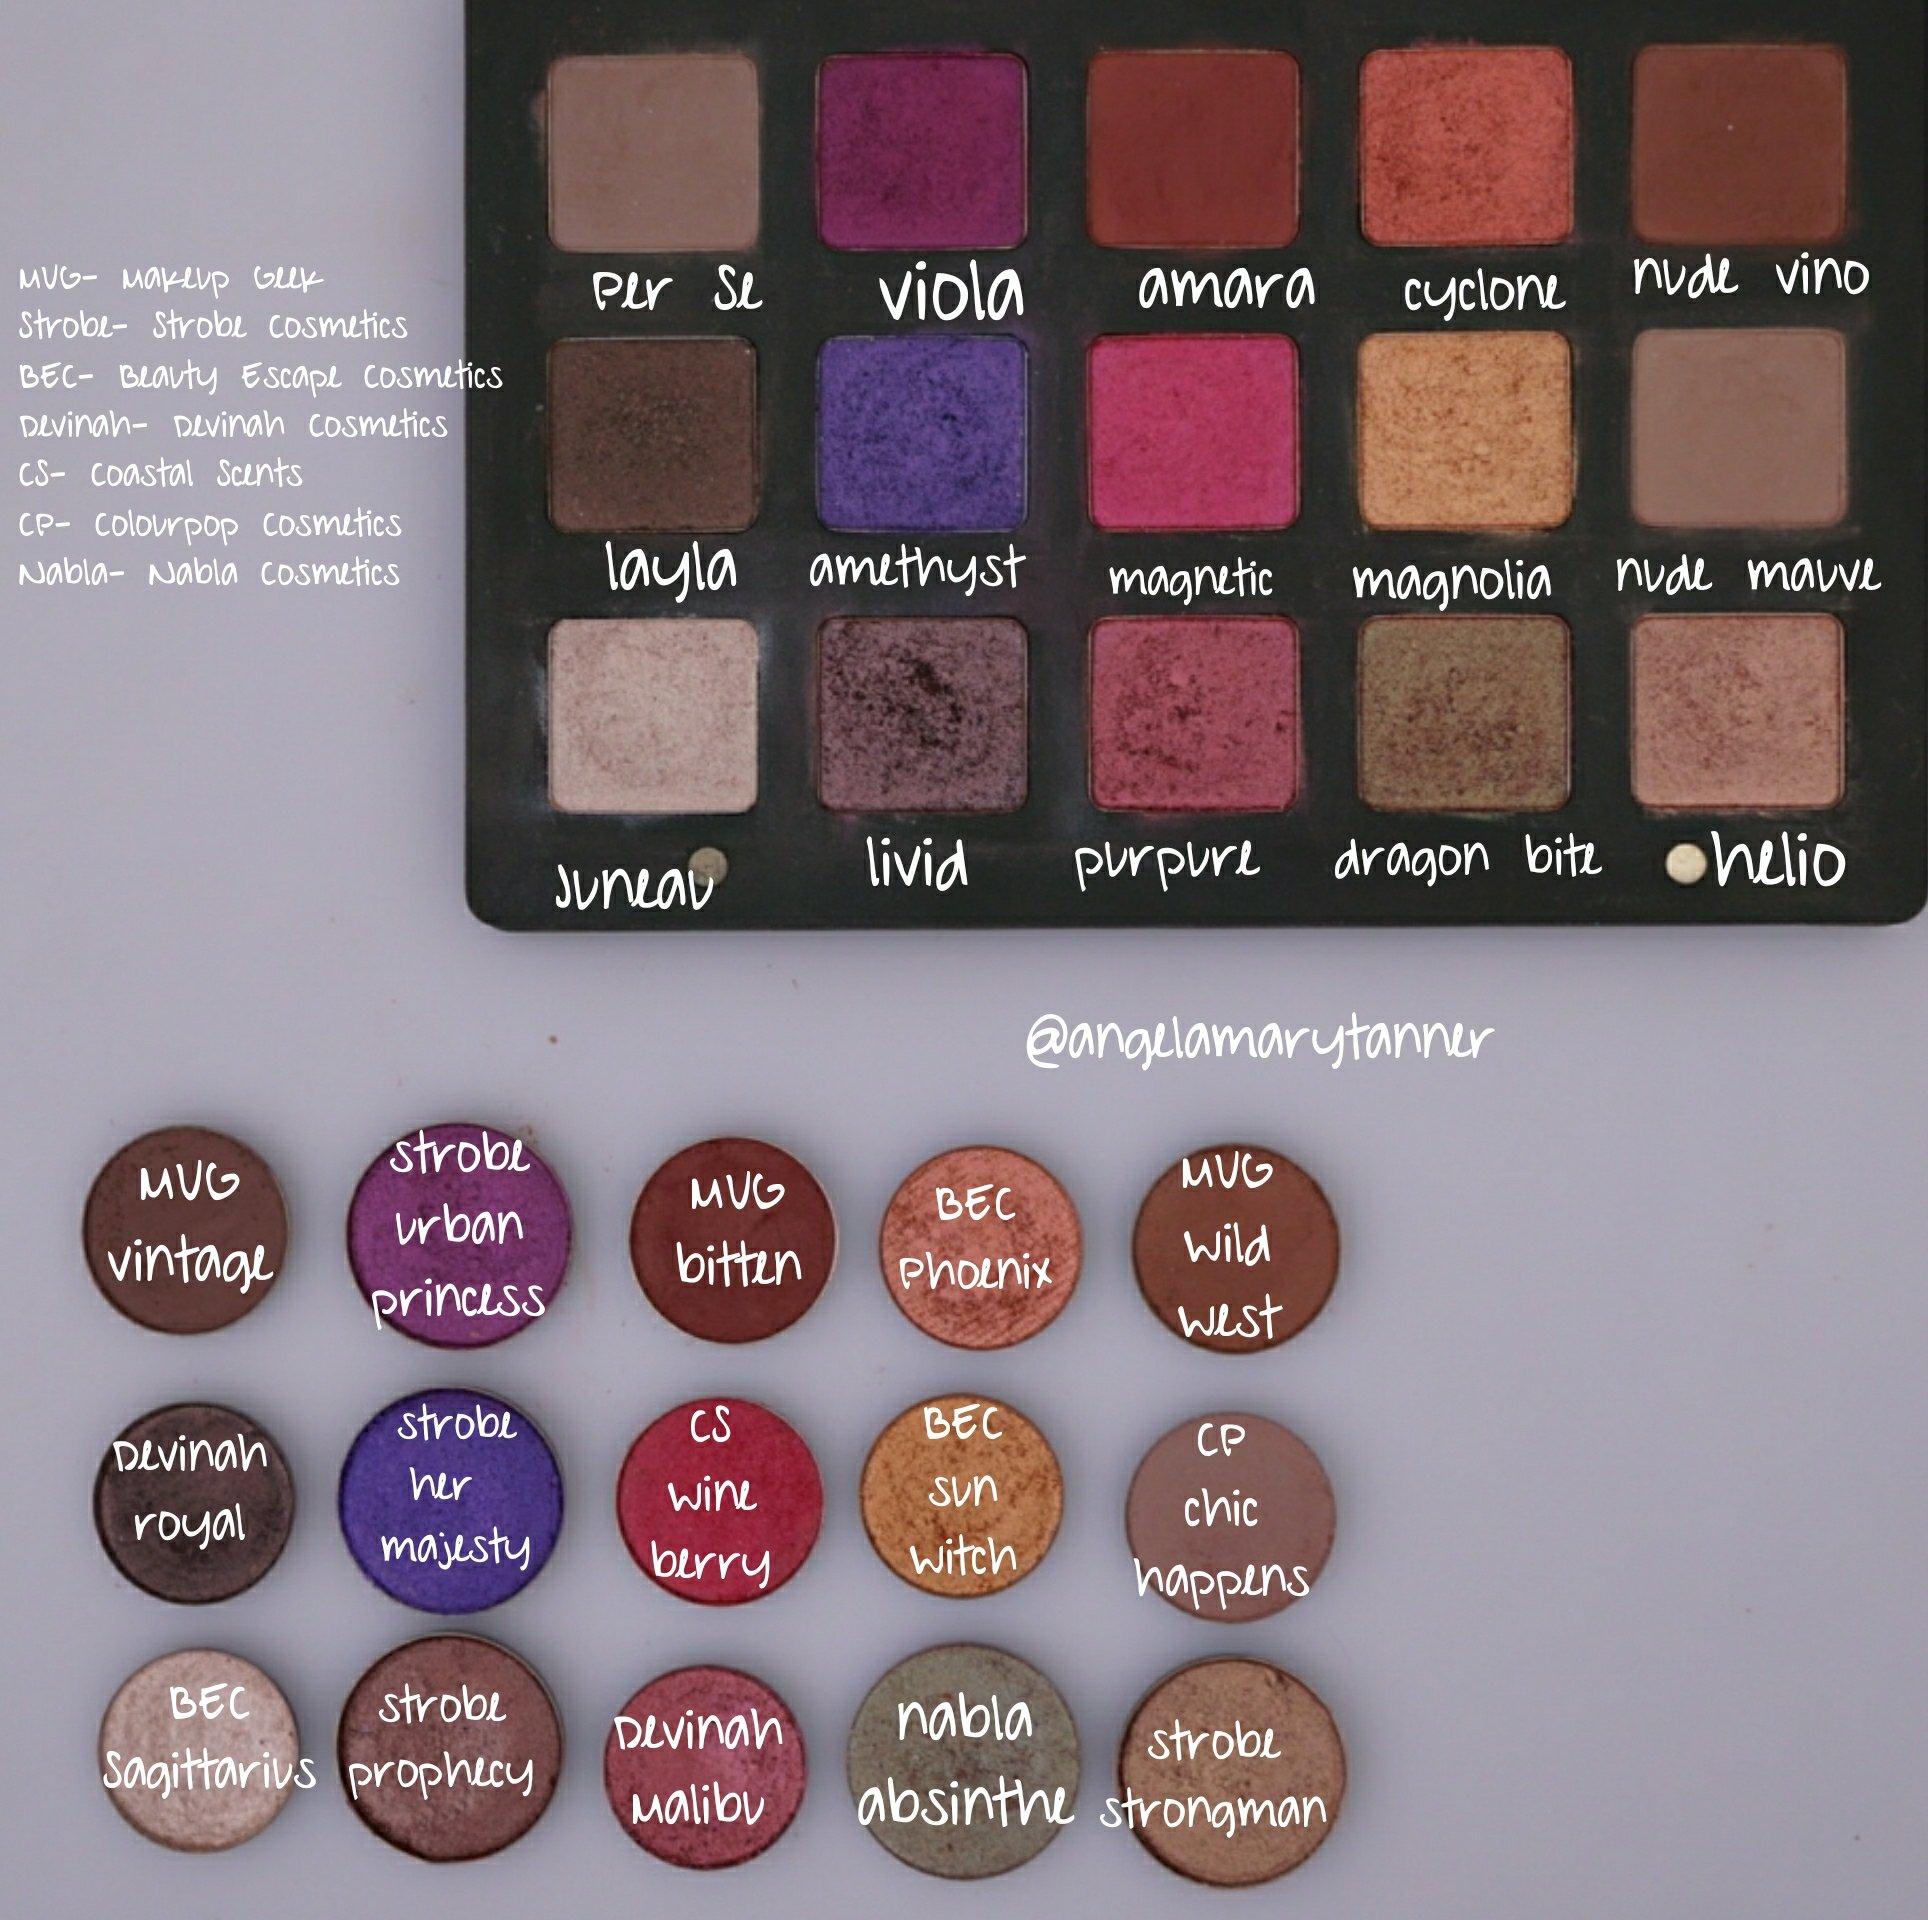 Lila Eyeshadow Palette by Natasha Denona #19